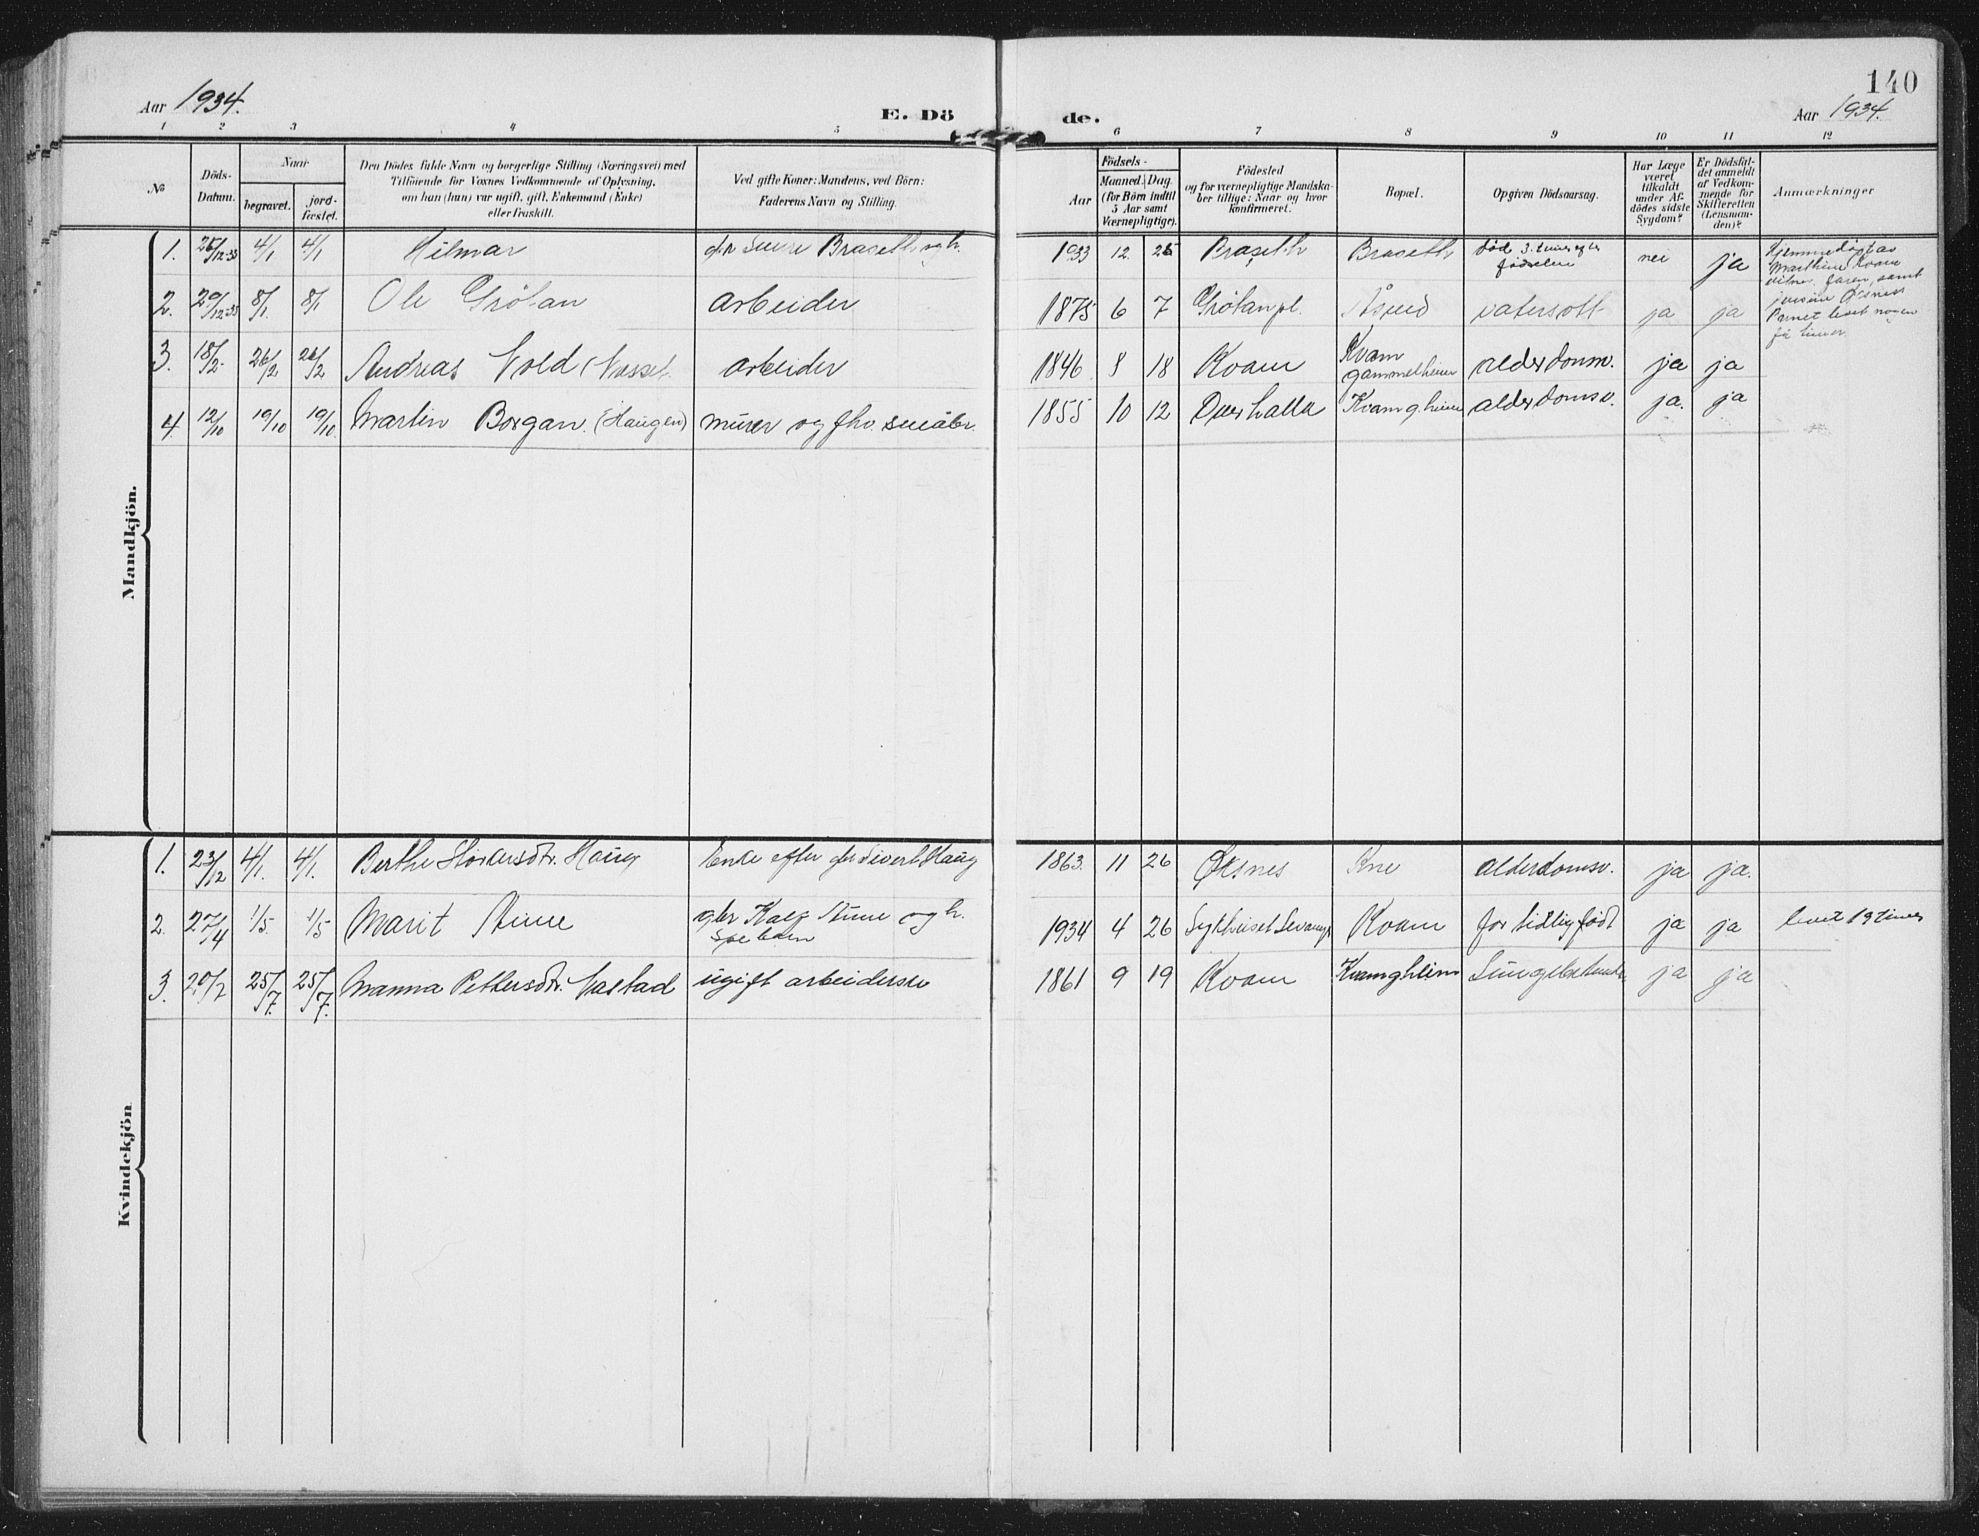 SAT, Ministerialprotokoller, klokkerbøker og fødselsregistre - Nord-Trøndelag, 747/L0460: Klokkerbok nr. 747C02, 1908-1939, s. 140